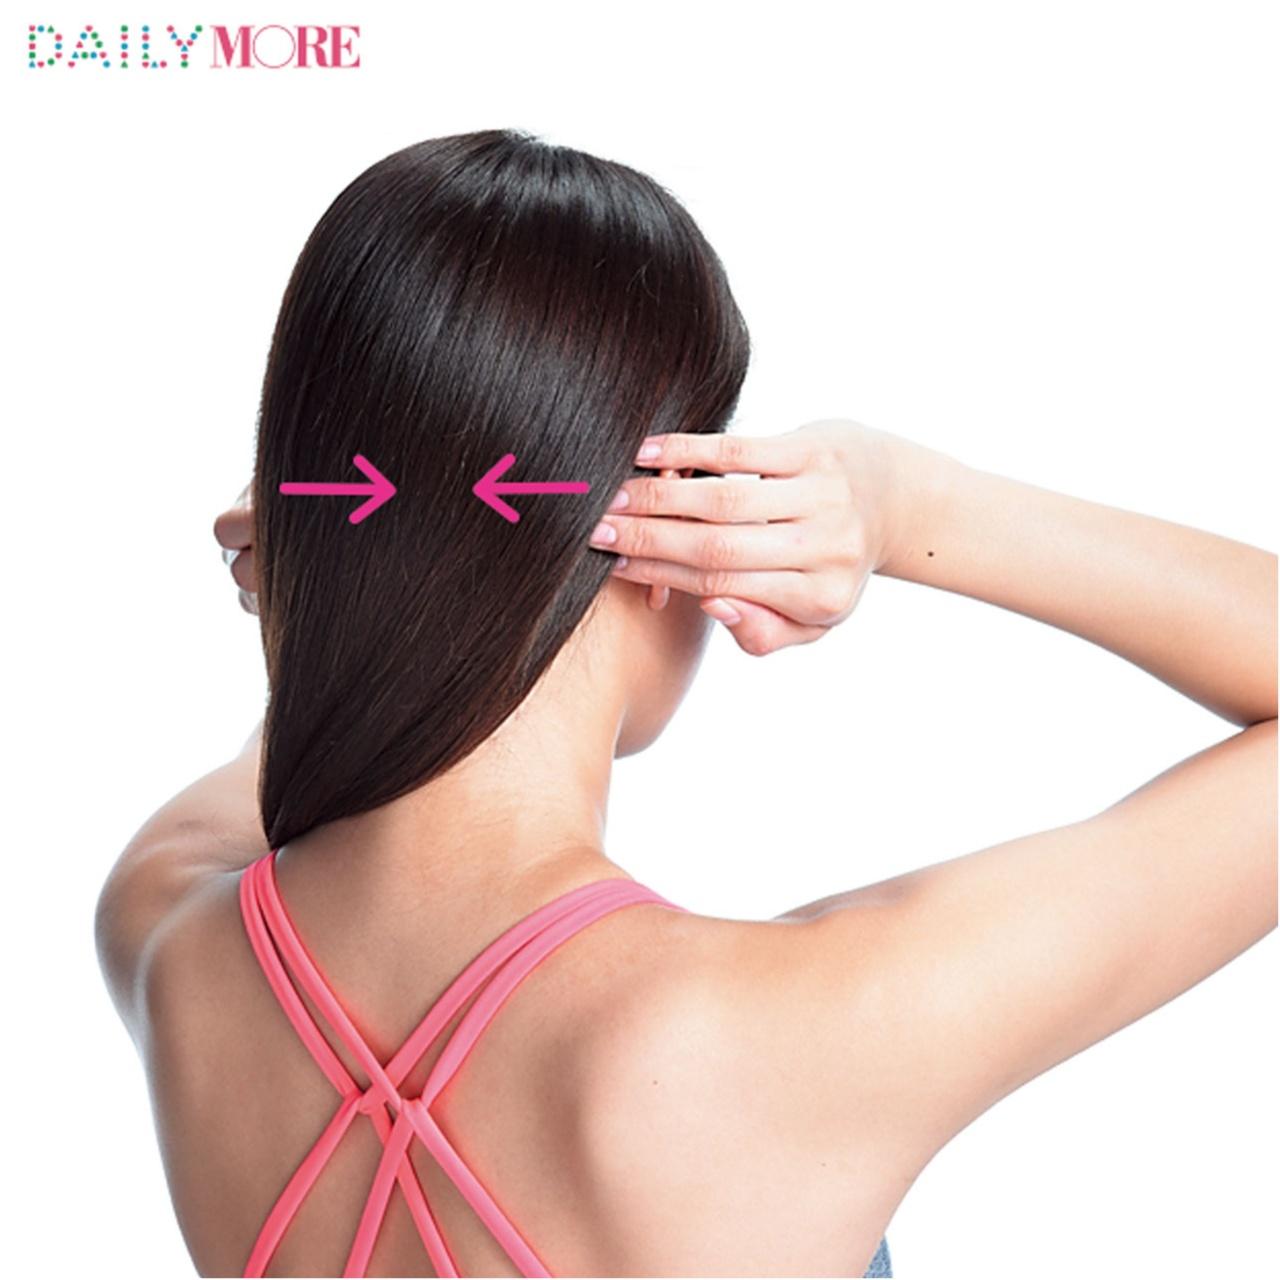 20代女子の薄毛が増えている! 薄毛予防の「頭皮マッサージ」を今すぐはじめよう_6